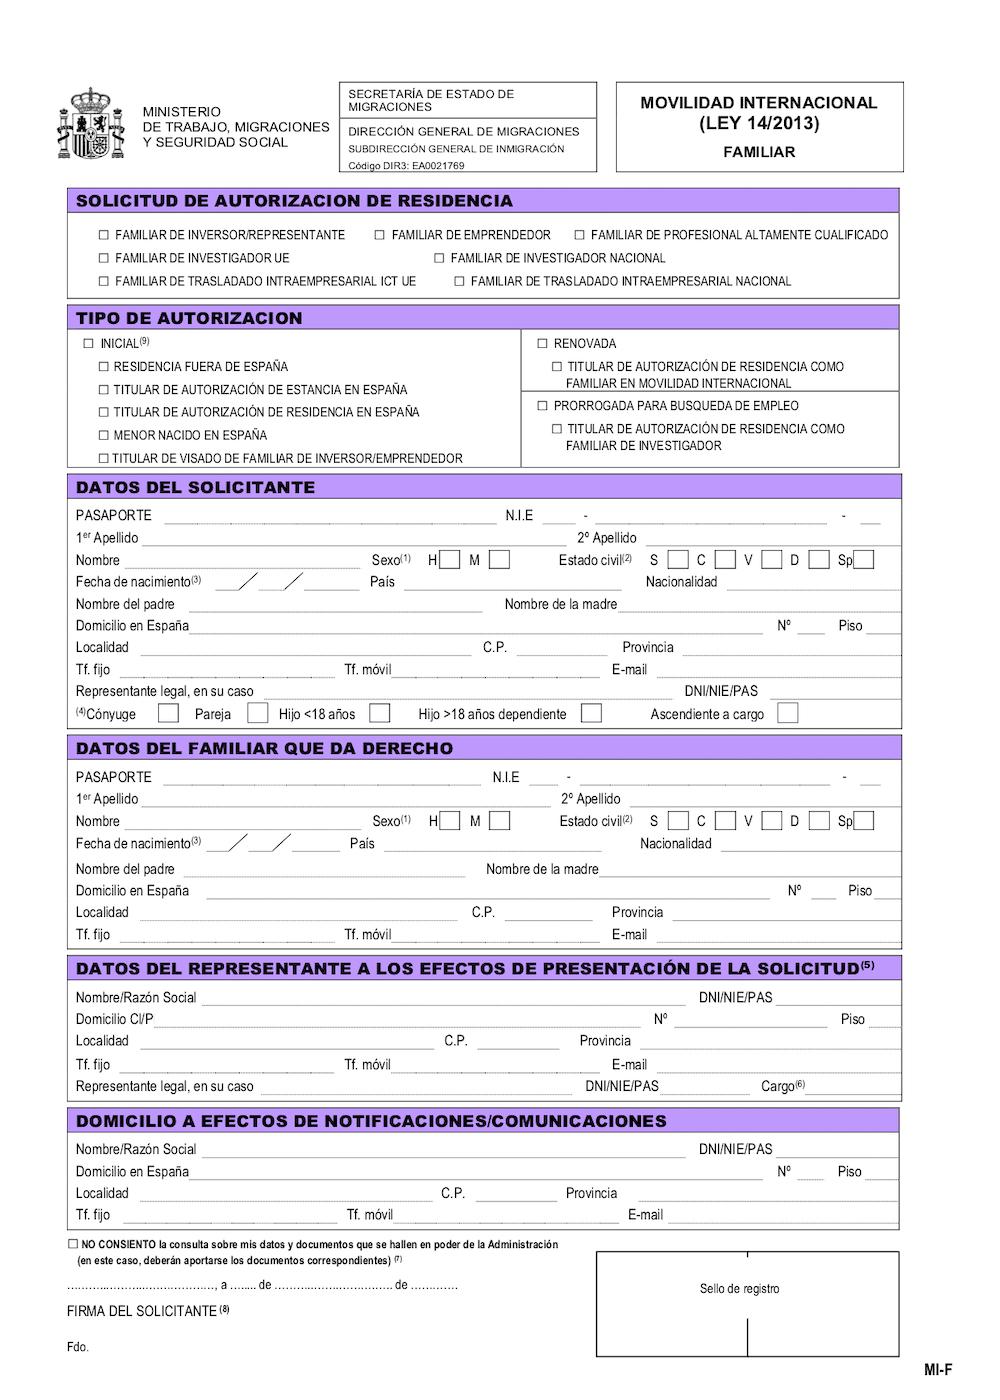 Вид на жительство в Испании: анкета для членов семьи специалиста. Иммиграционный адвокат AhlawPartners Barcelona